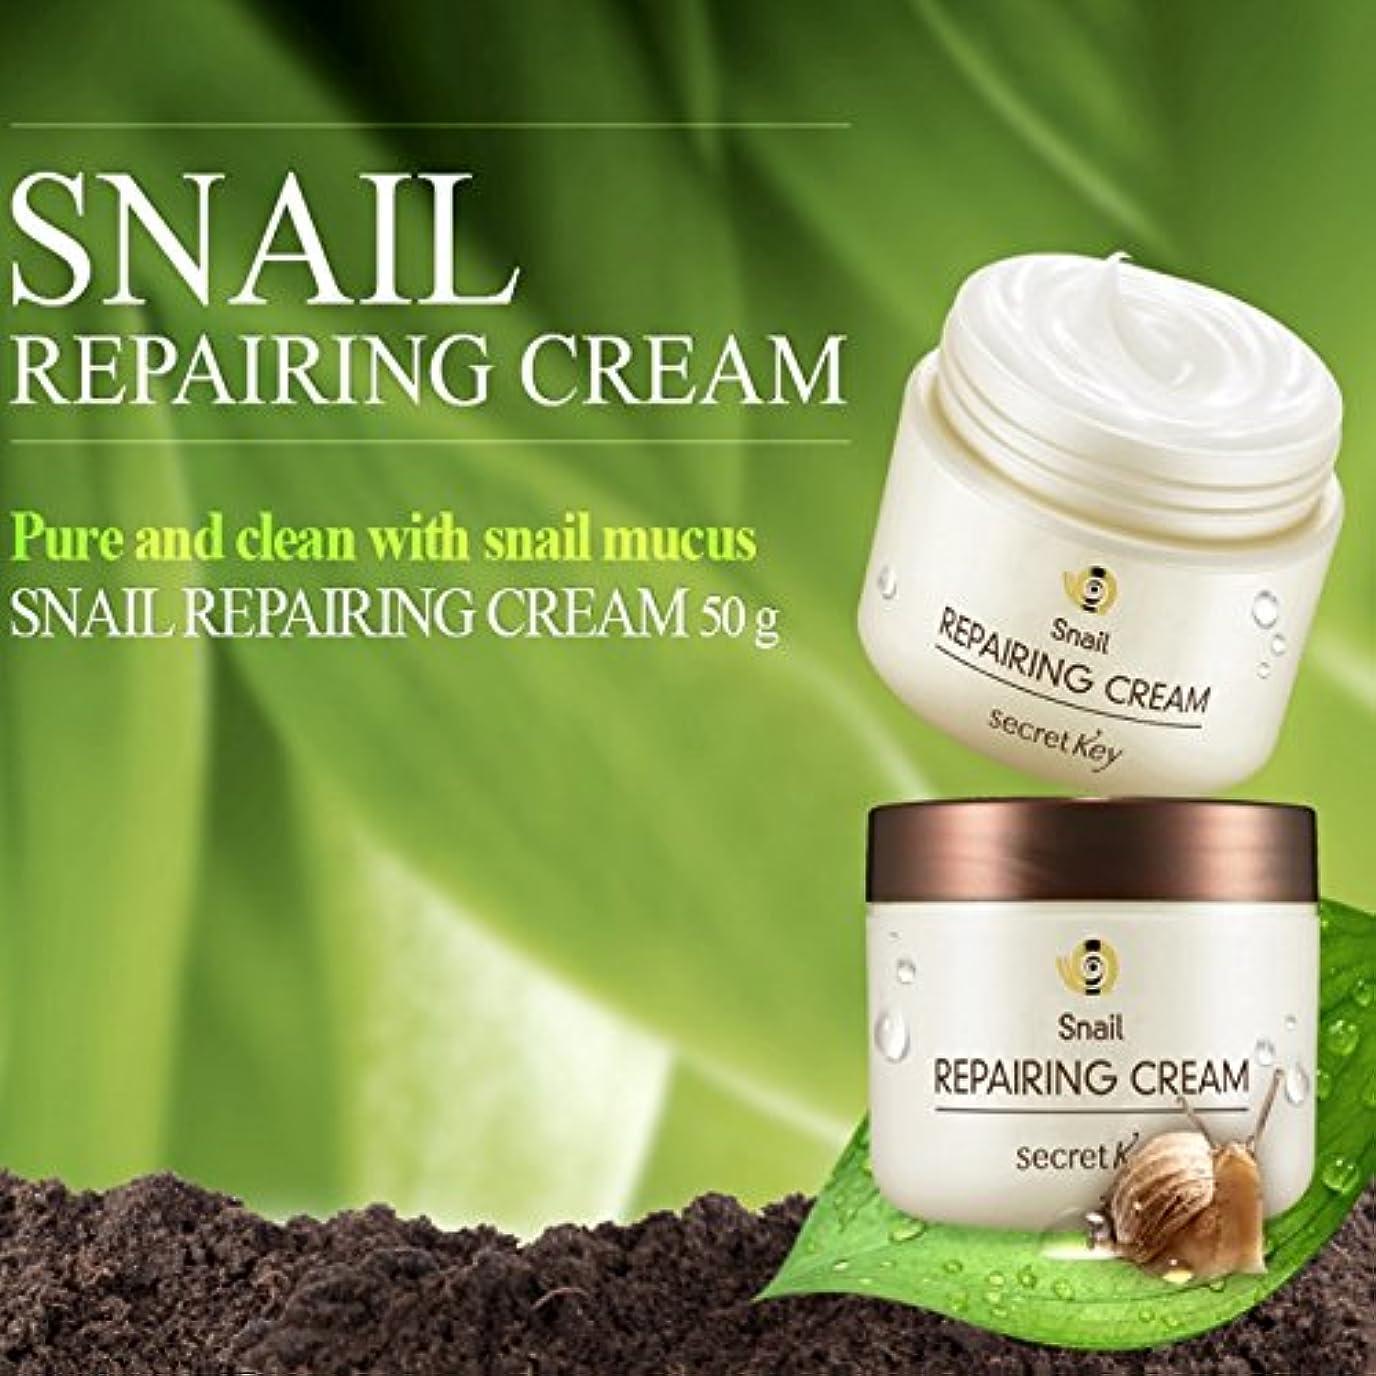 してはいけない上院癌Secret Key Snail Repairing Cream Renewal 50g /シークレットキー スネイル リペアリング /100% Authentic direct from Korea/w 2 Gift...